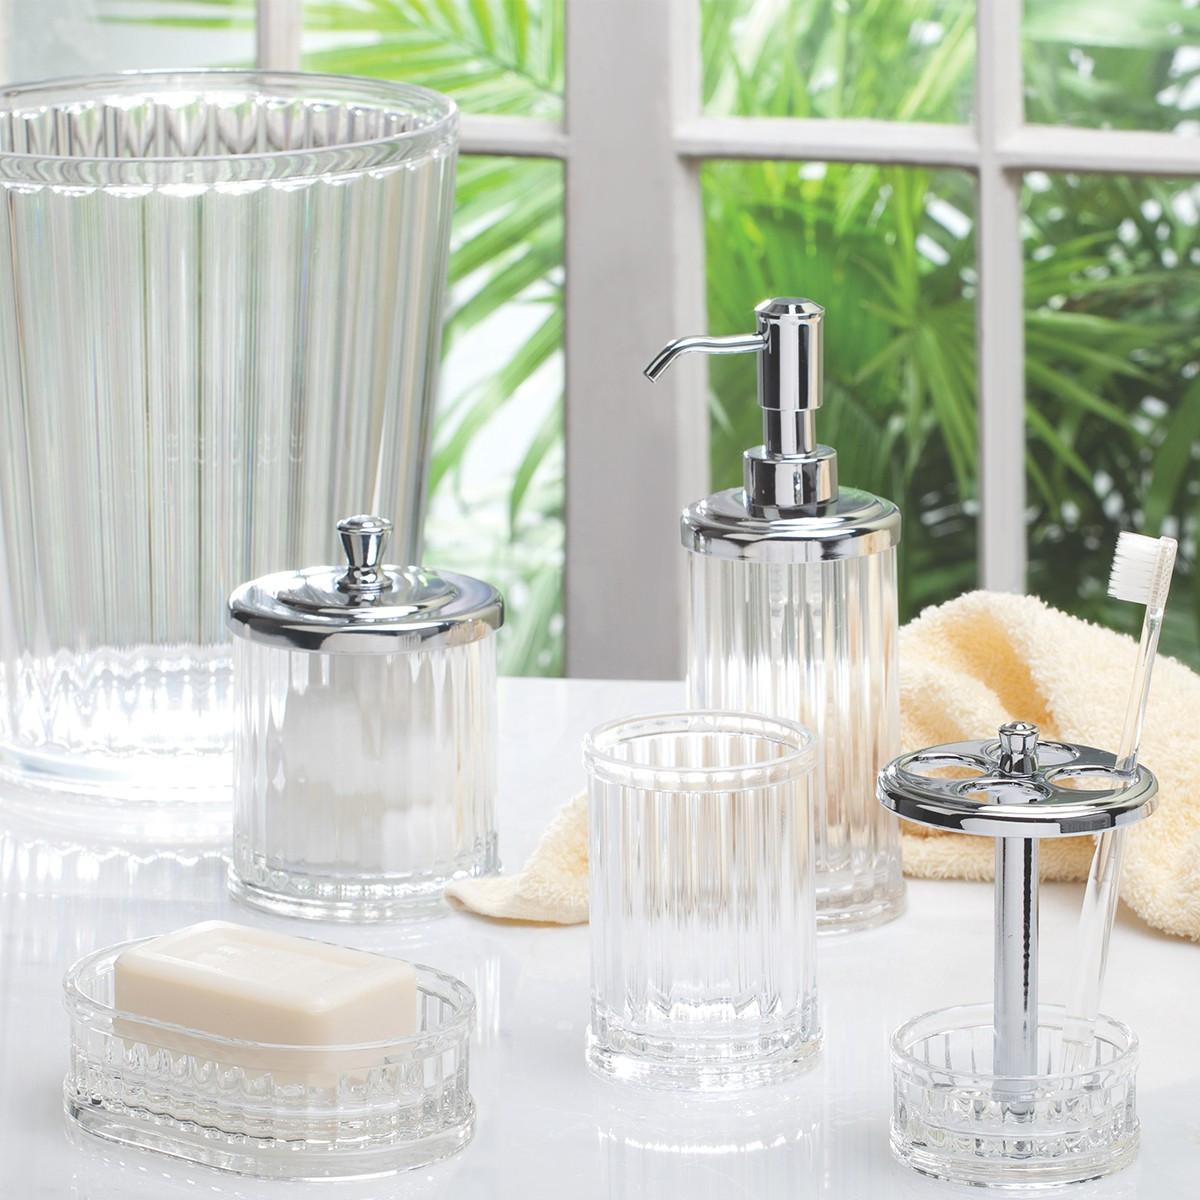 distributeur savon rangement salle de bain. Black Bedroom Furniture Sets. Home Design Ideas